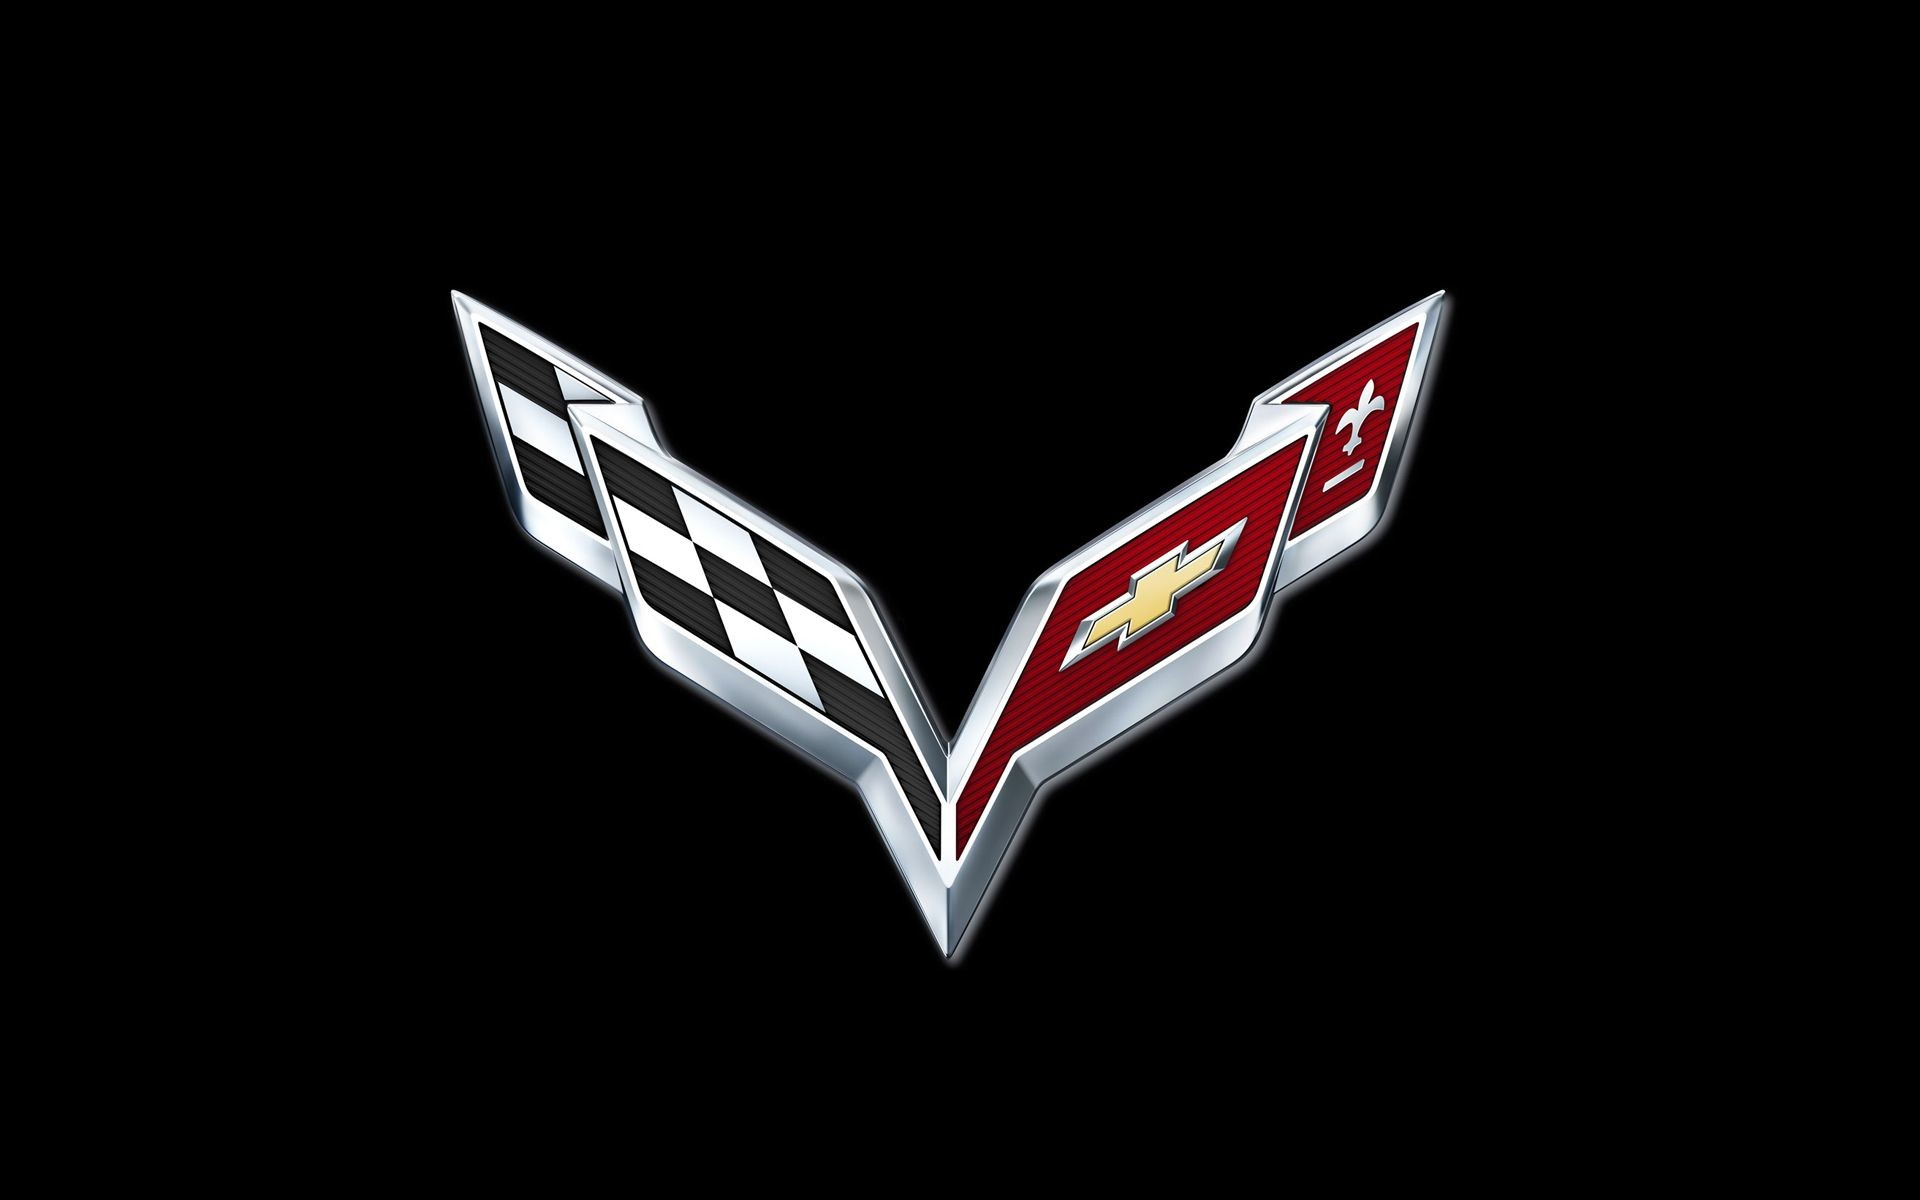 Chevrolet Corvette wallpaper   Chevrolet Corvette wallpaper – Part 13